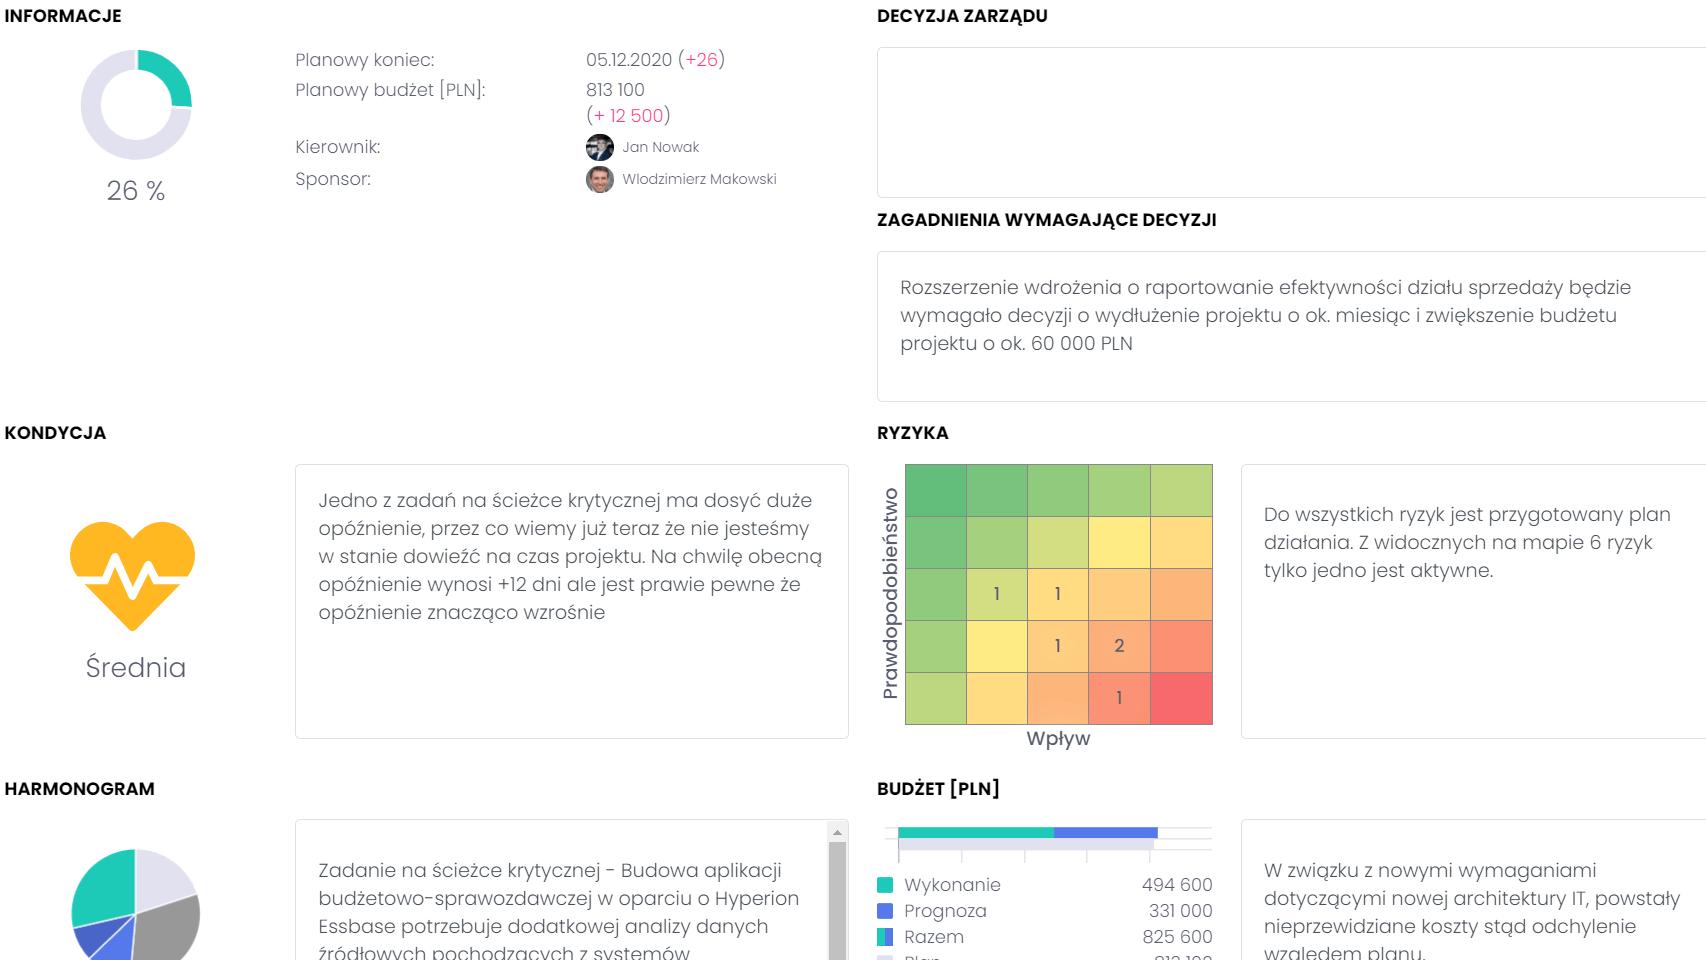 Monitorowanie przebiegu projektów i podejmowanie decyzji FlexiProject